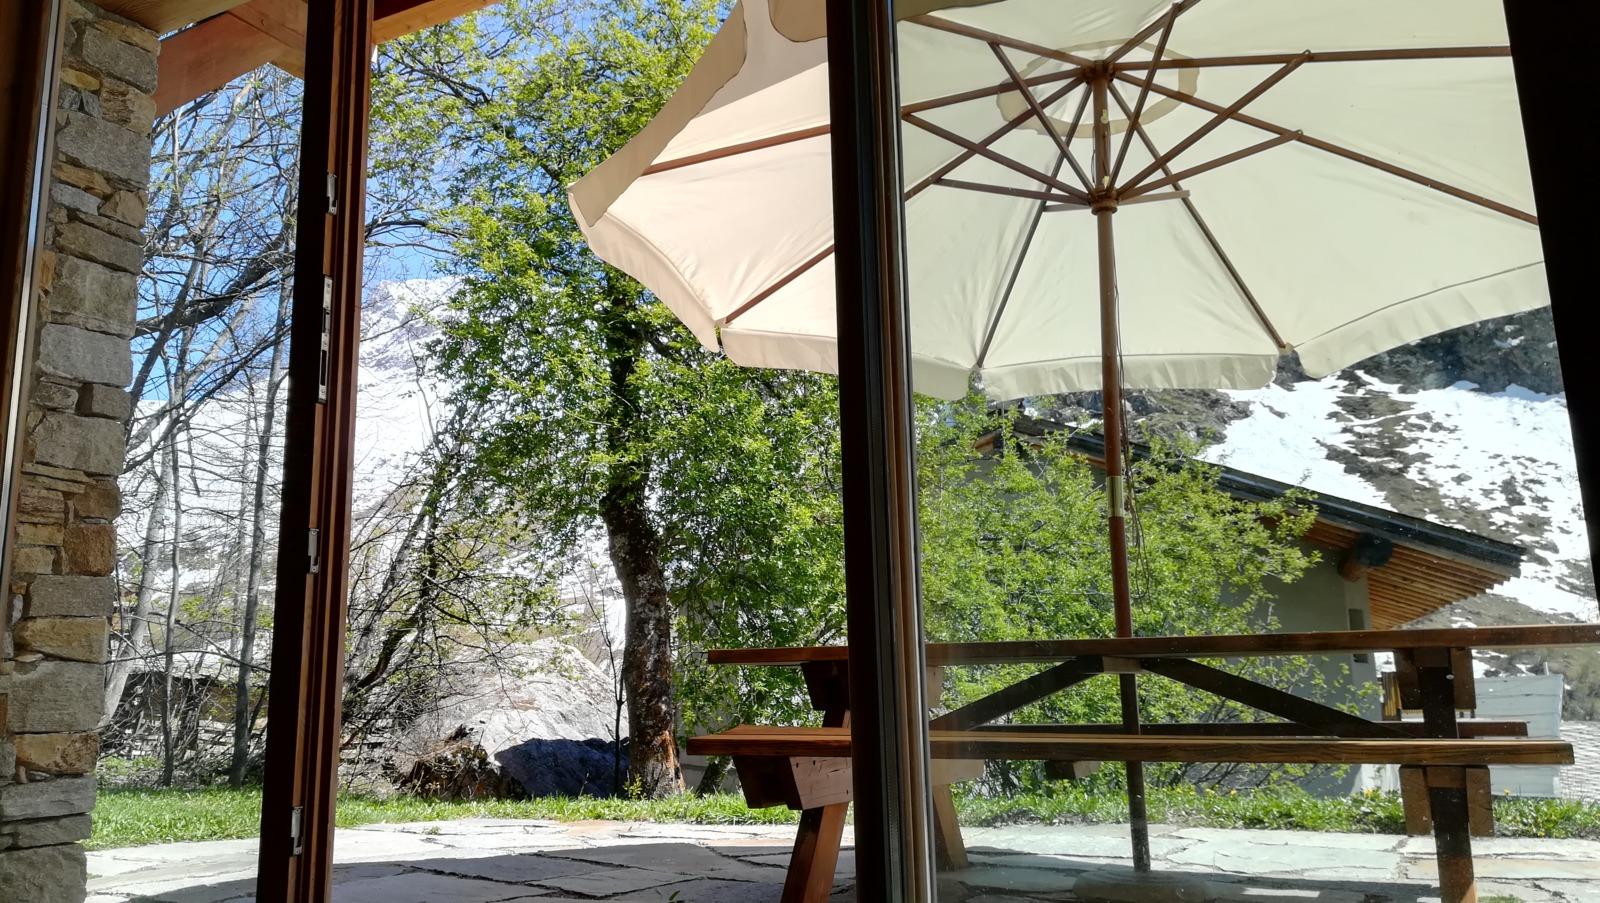 Un parasol, un arbre, des montagnes et une table vus à travers une baie vitrée